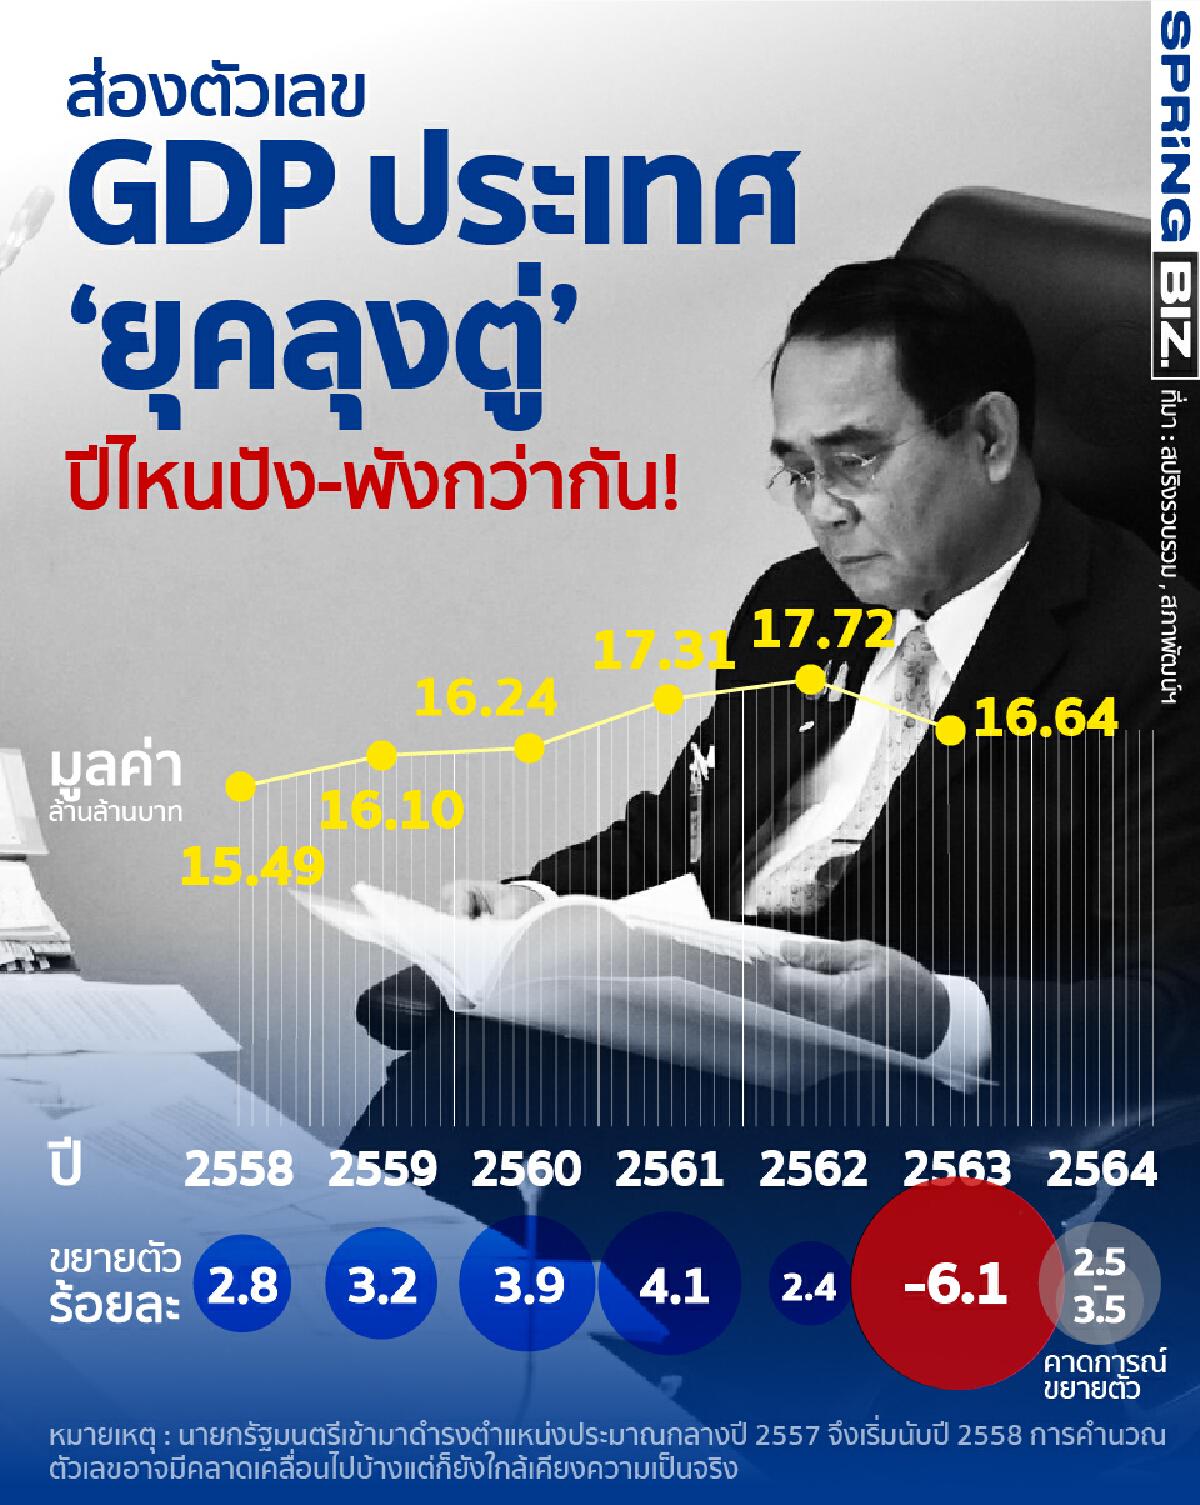 ส่องตัวเลข GDP ประเทศตั้งแต่ 'ลุงตู่'เป็นนายกปีไหนปัง-พังกว่ากัน !